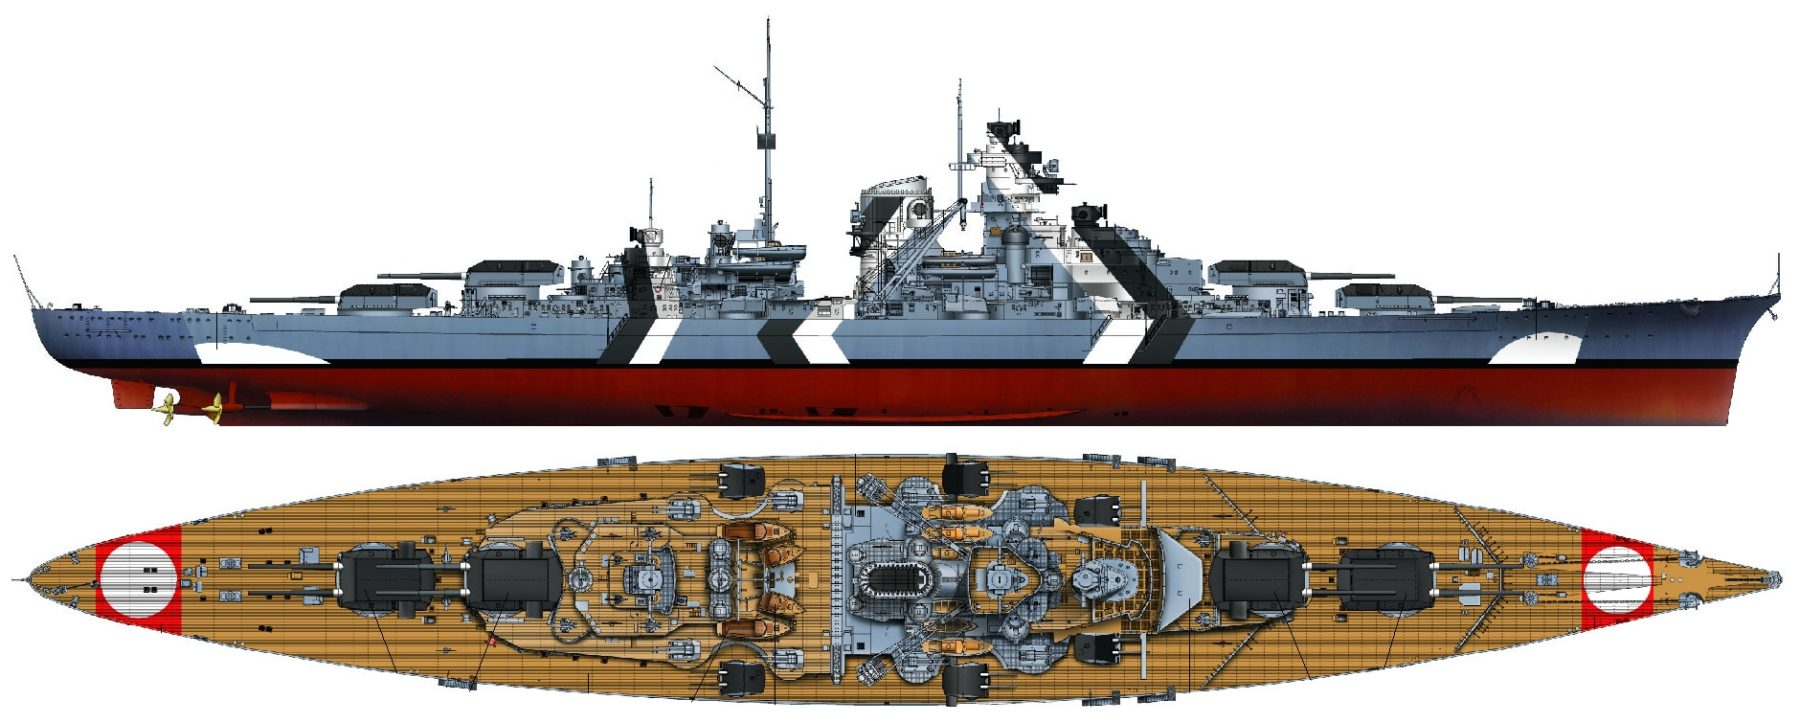 Bismarck class battleship